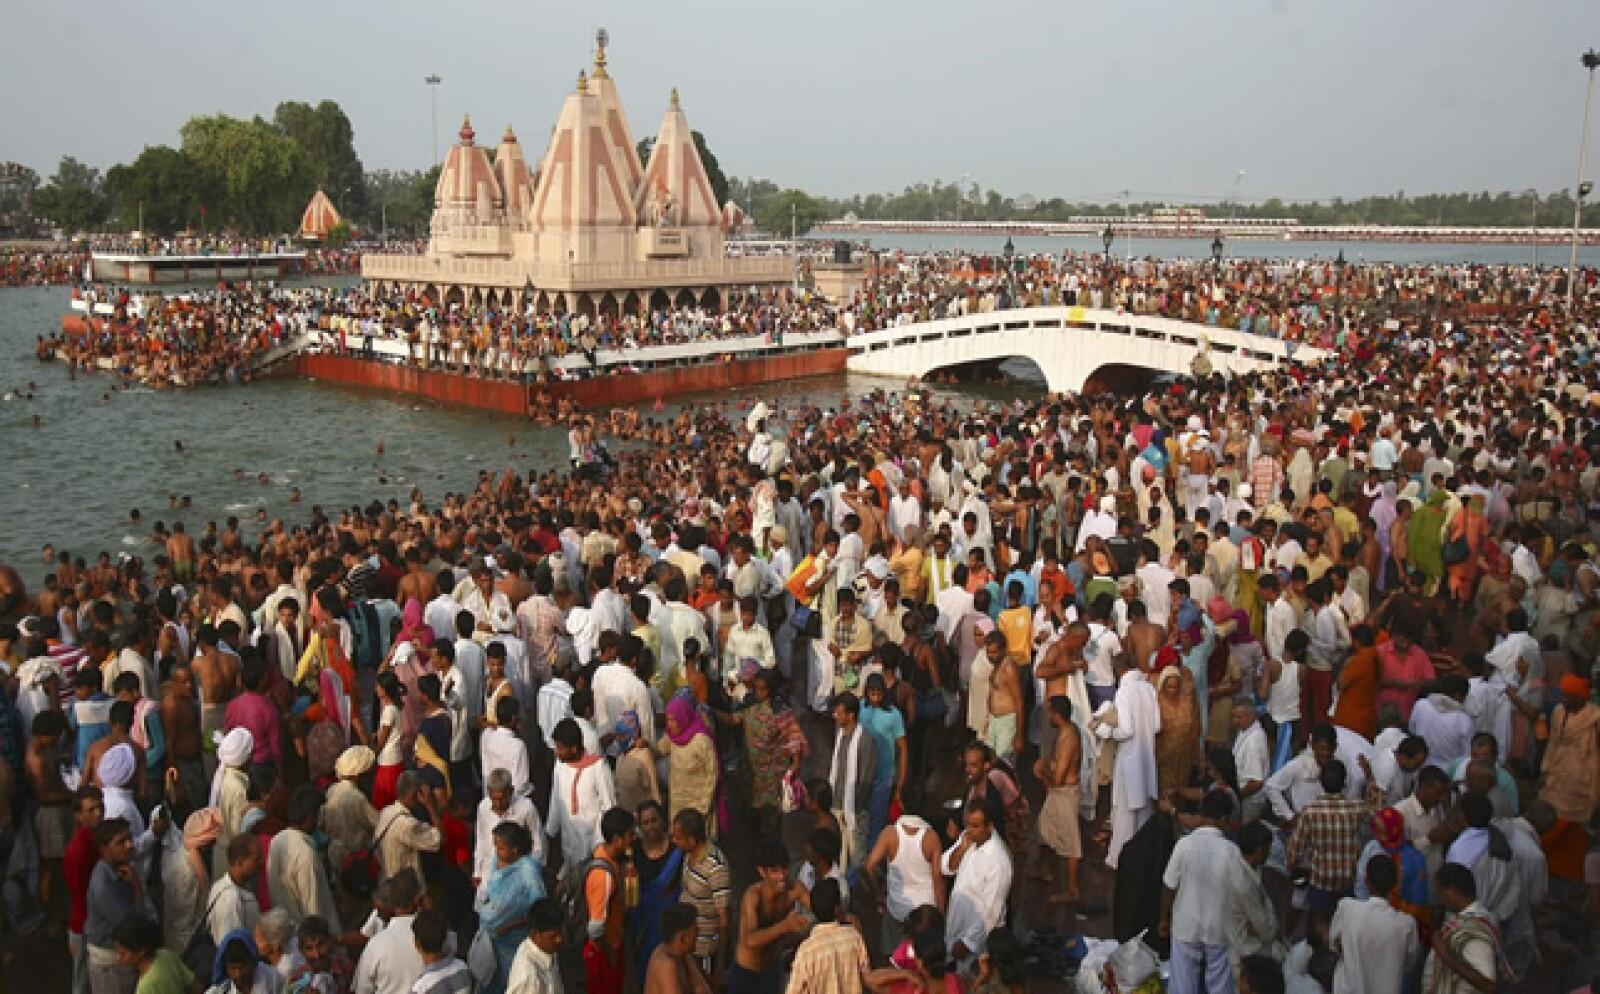 Los habitantes de Bangladesh se agruparon en un estadio para obervar el evento astronómico.